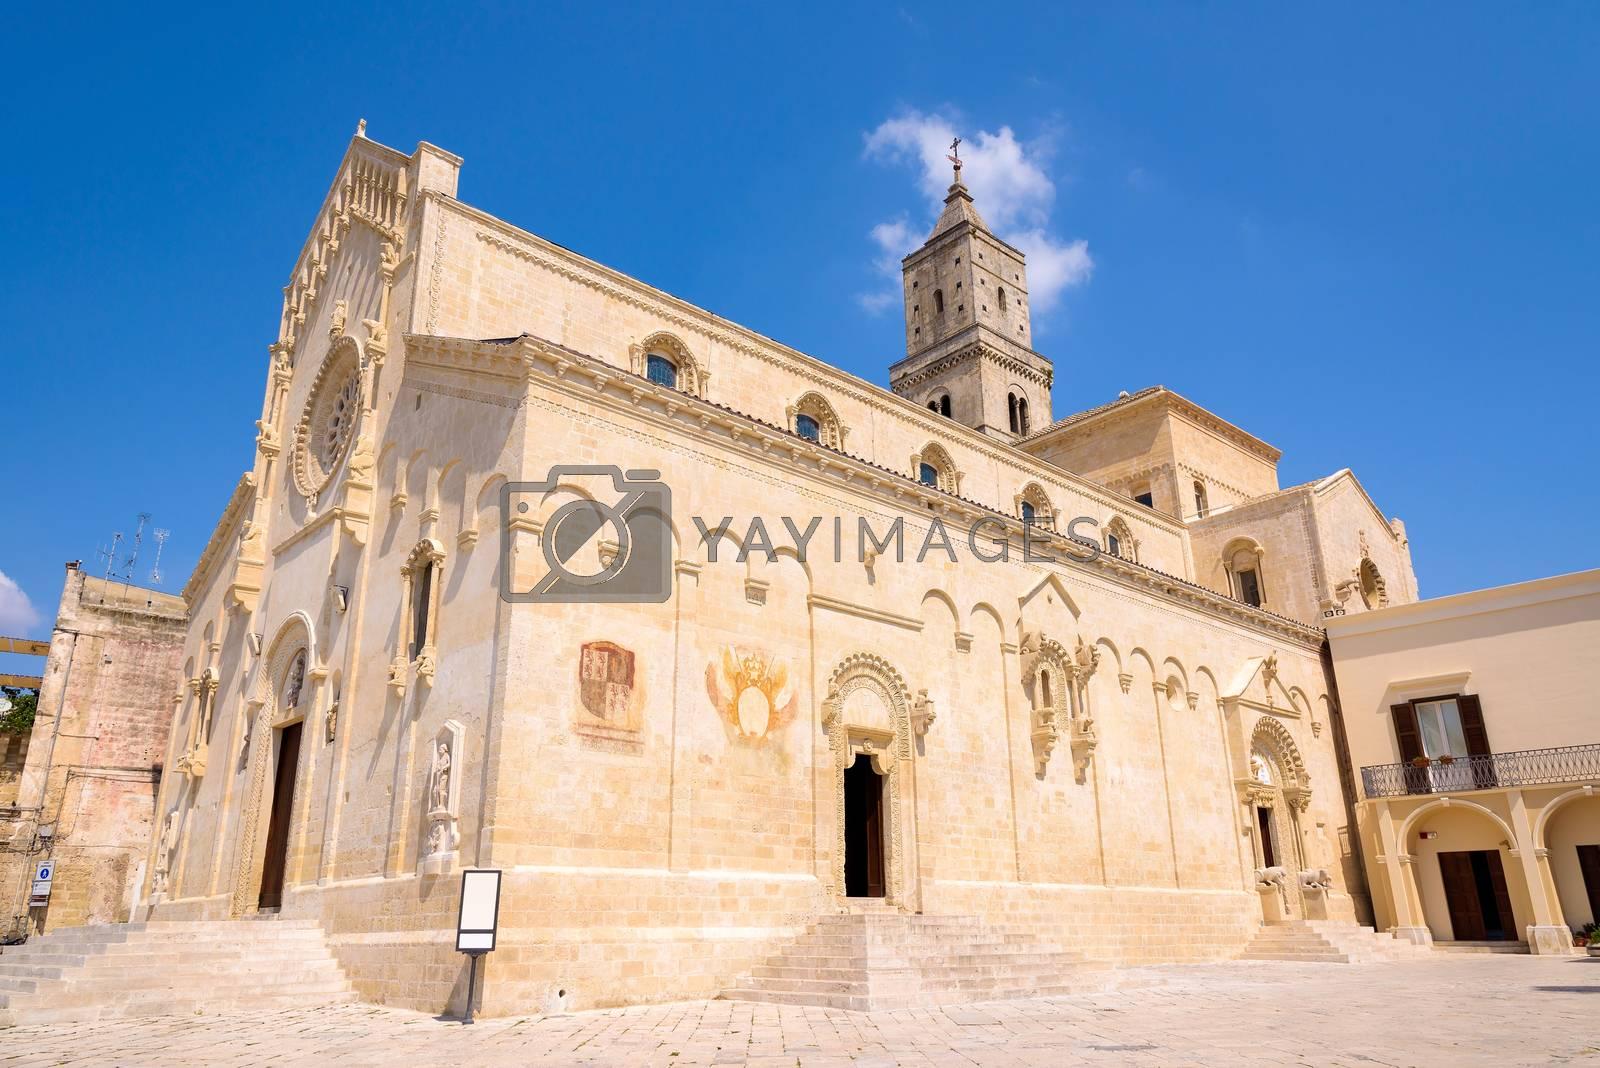 Building of Matera Cathedral, Basilicata, southern Italy